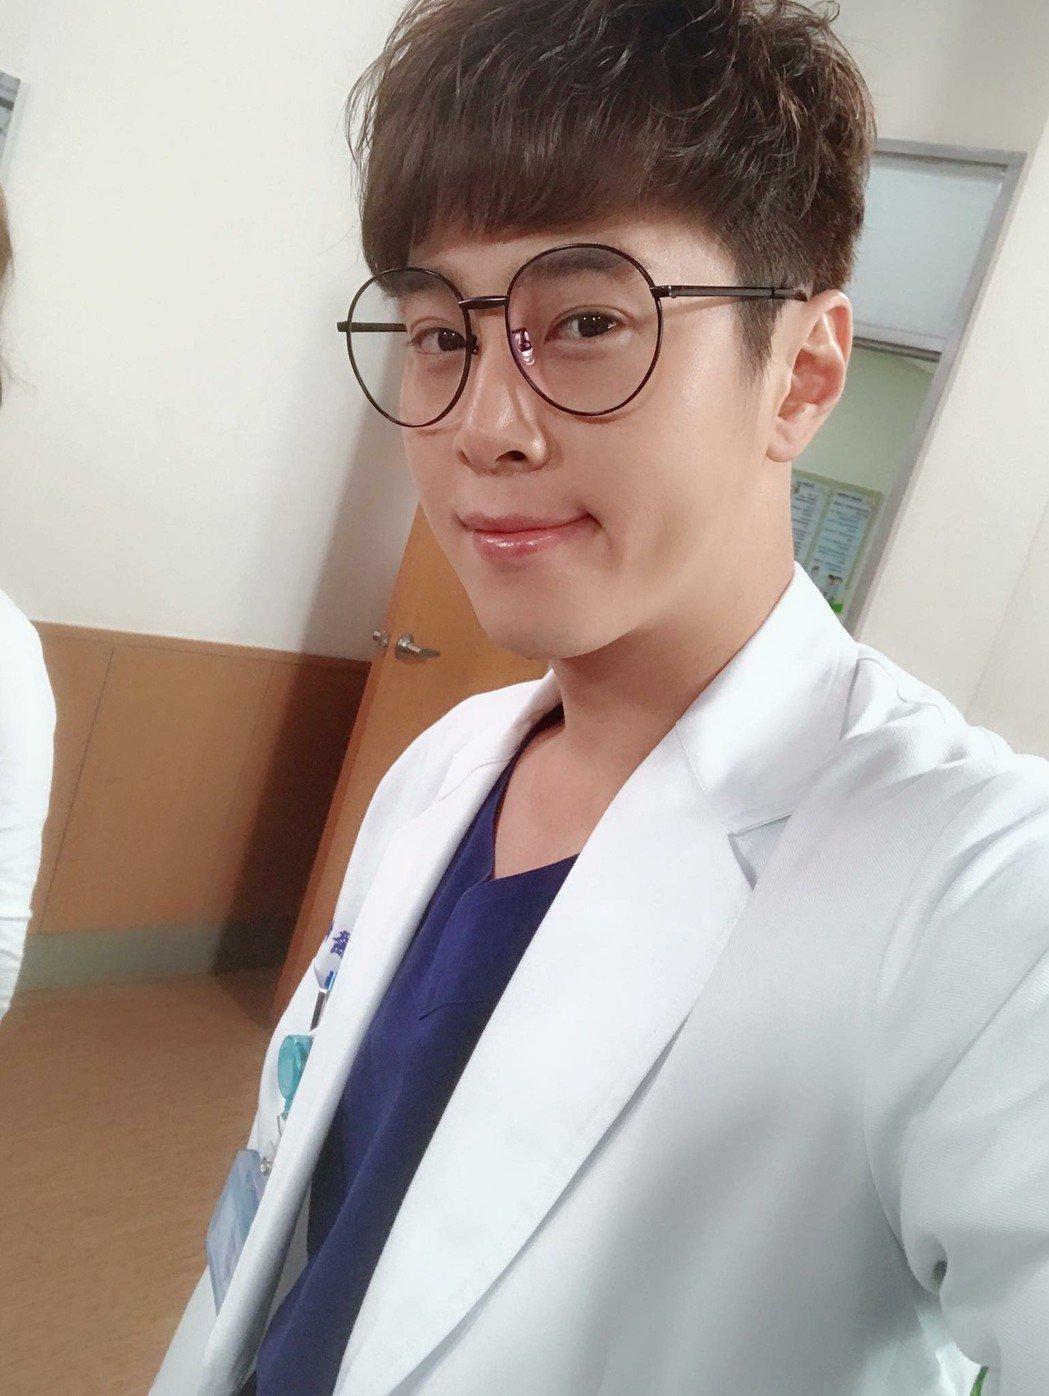 吳東諺在「實習醫師鬥格」中飾演傻萌醫師。圖/星之國際提供